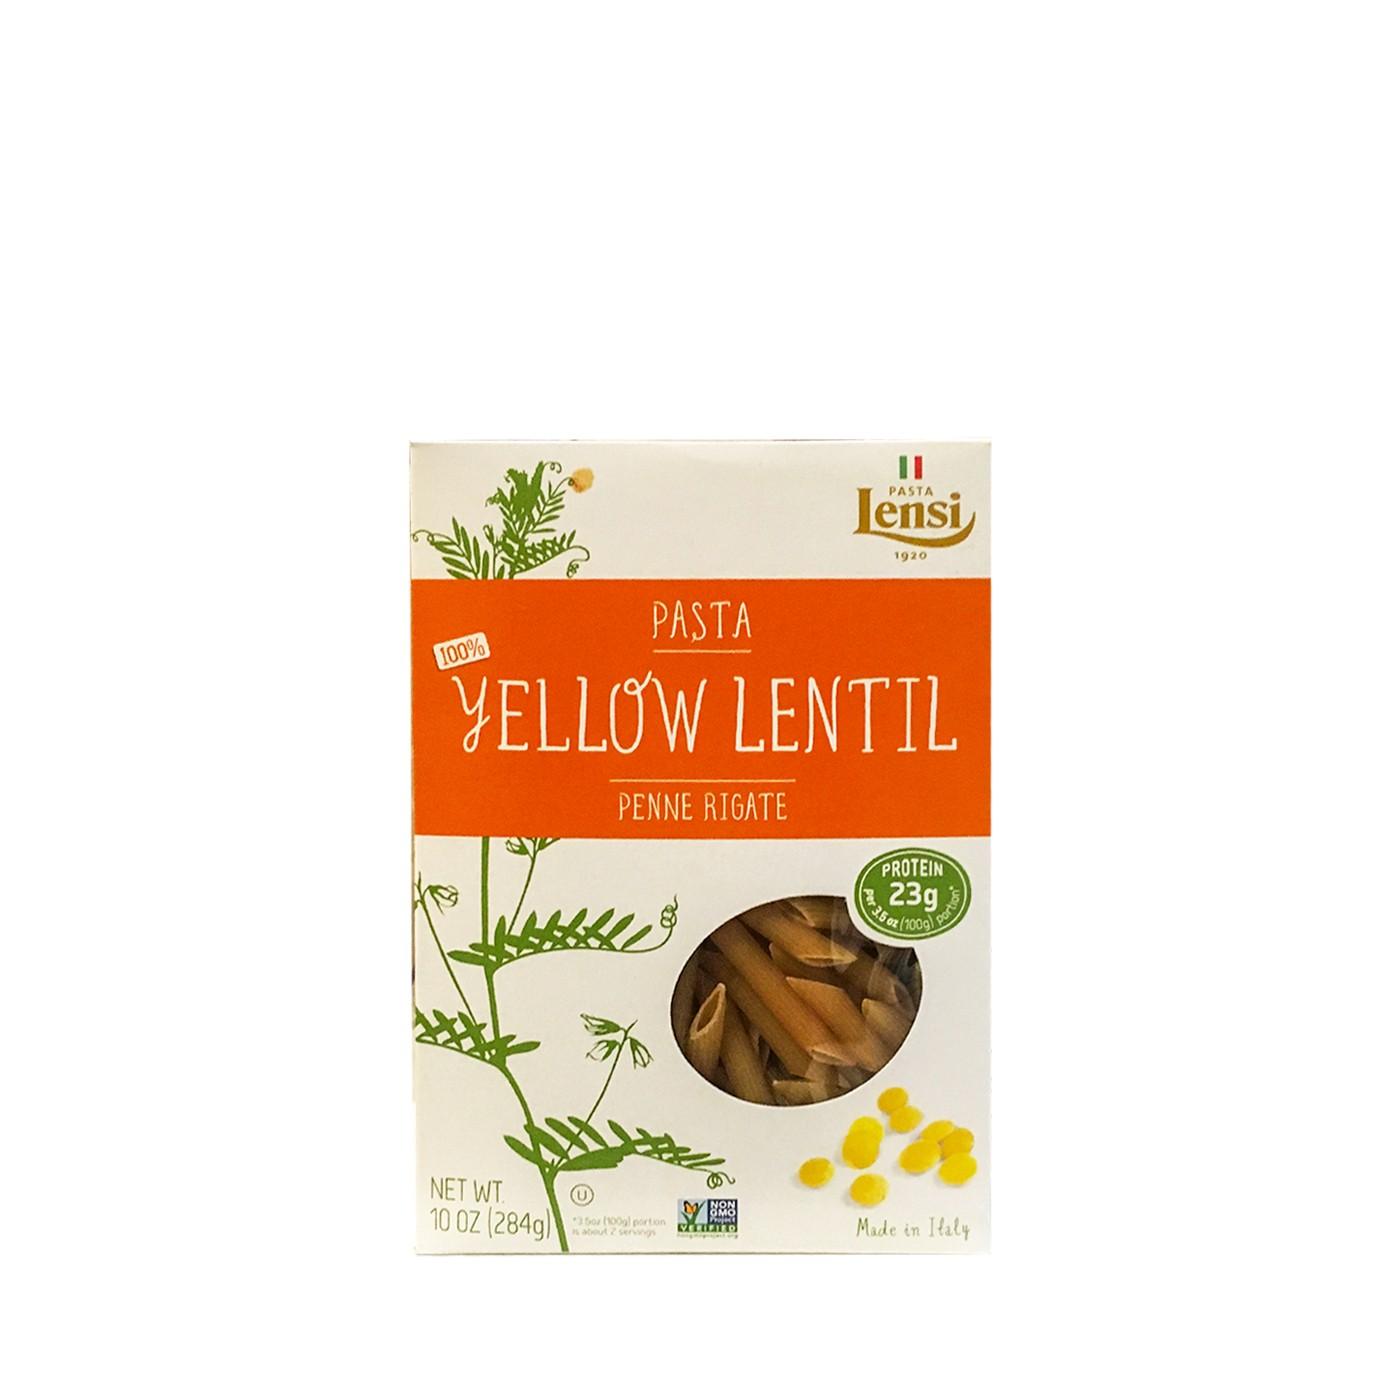 Yellow-Lentil Penne Rigate 10 oz